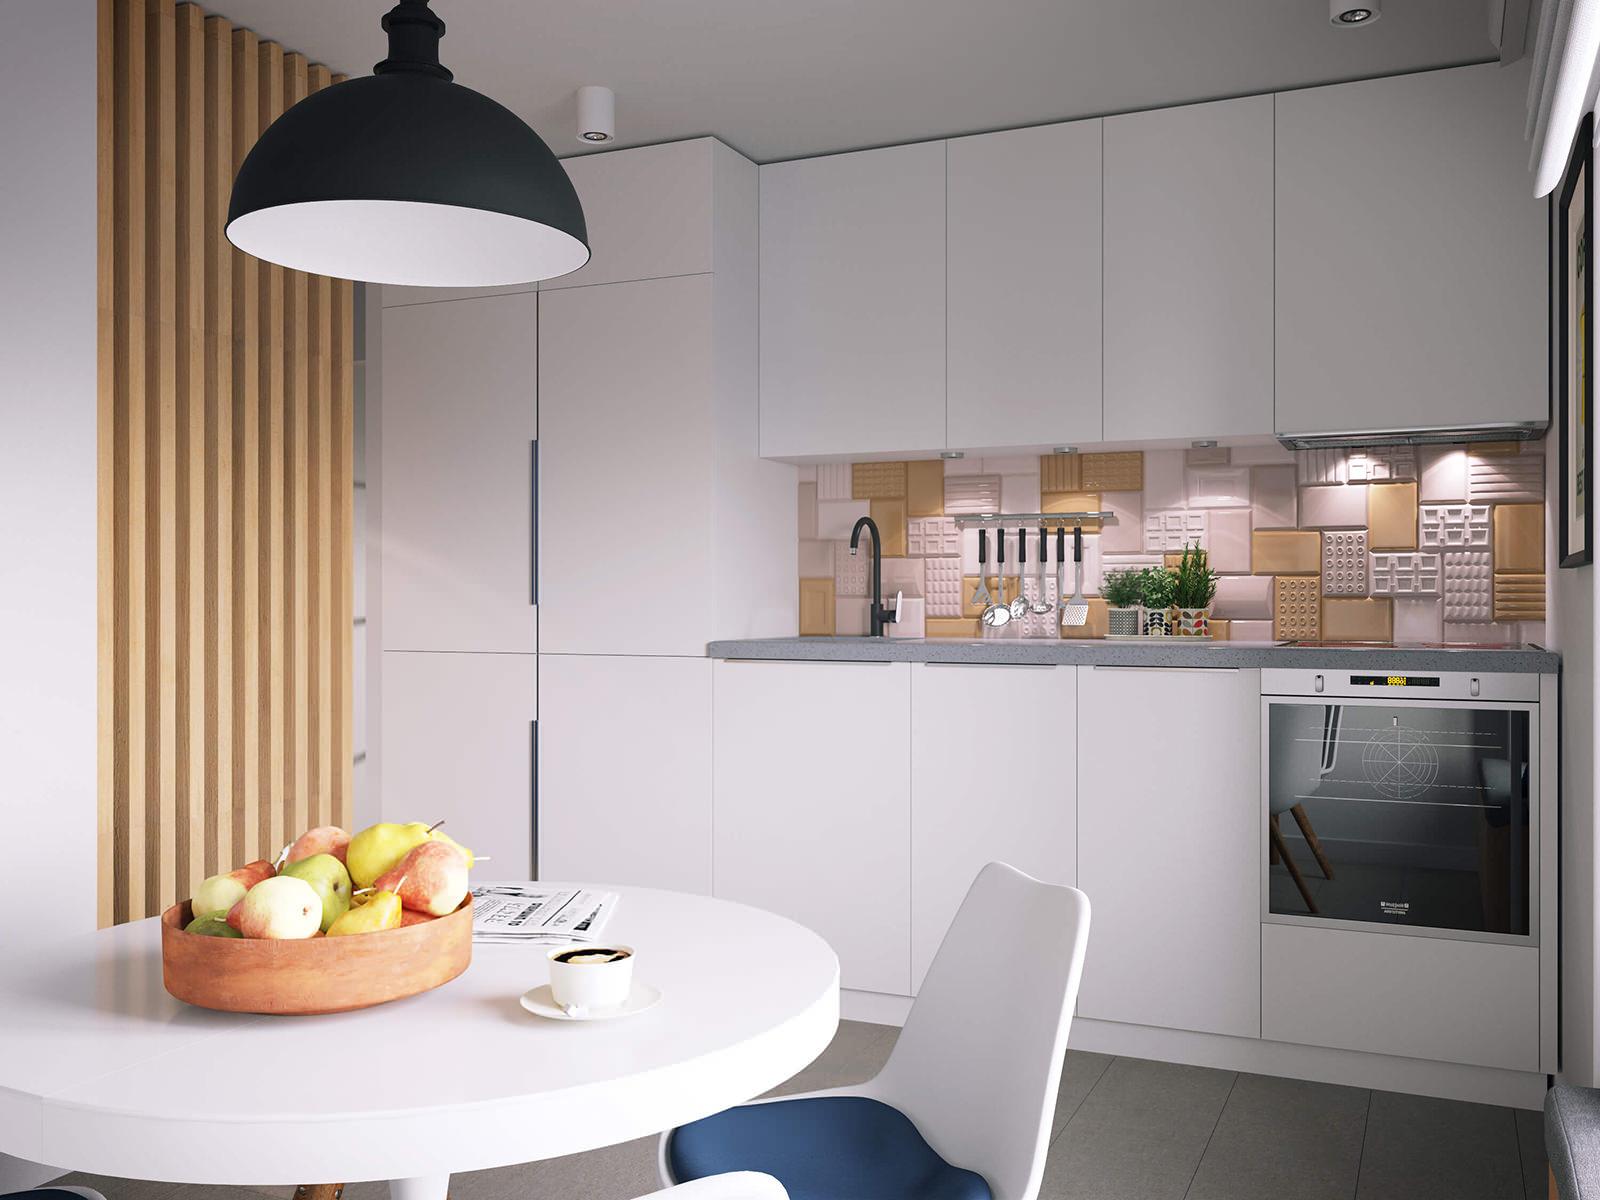 Круглый обеденный стол в небольшой кухне